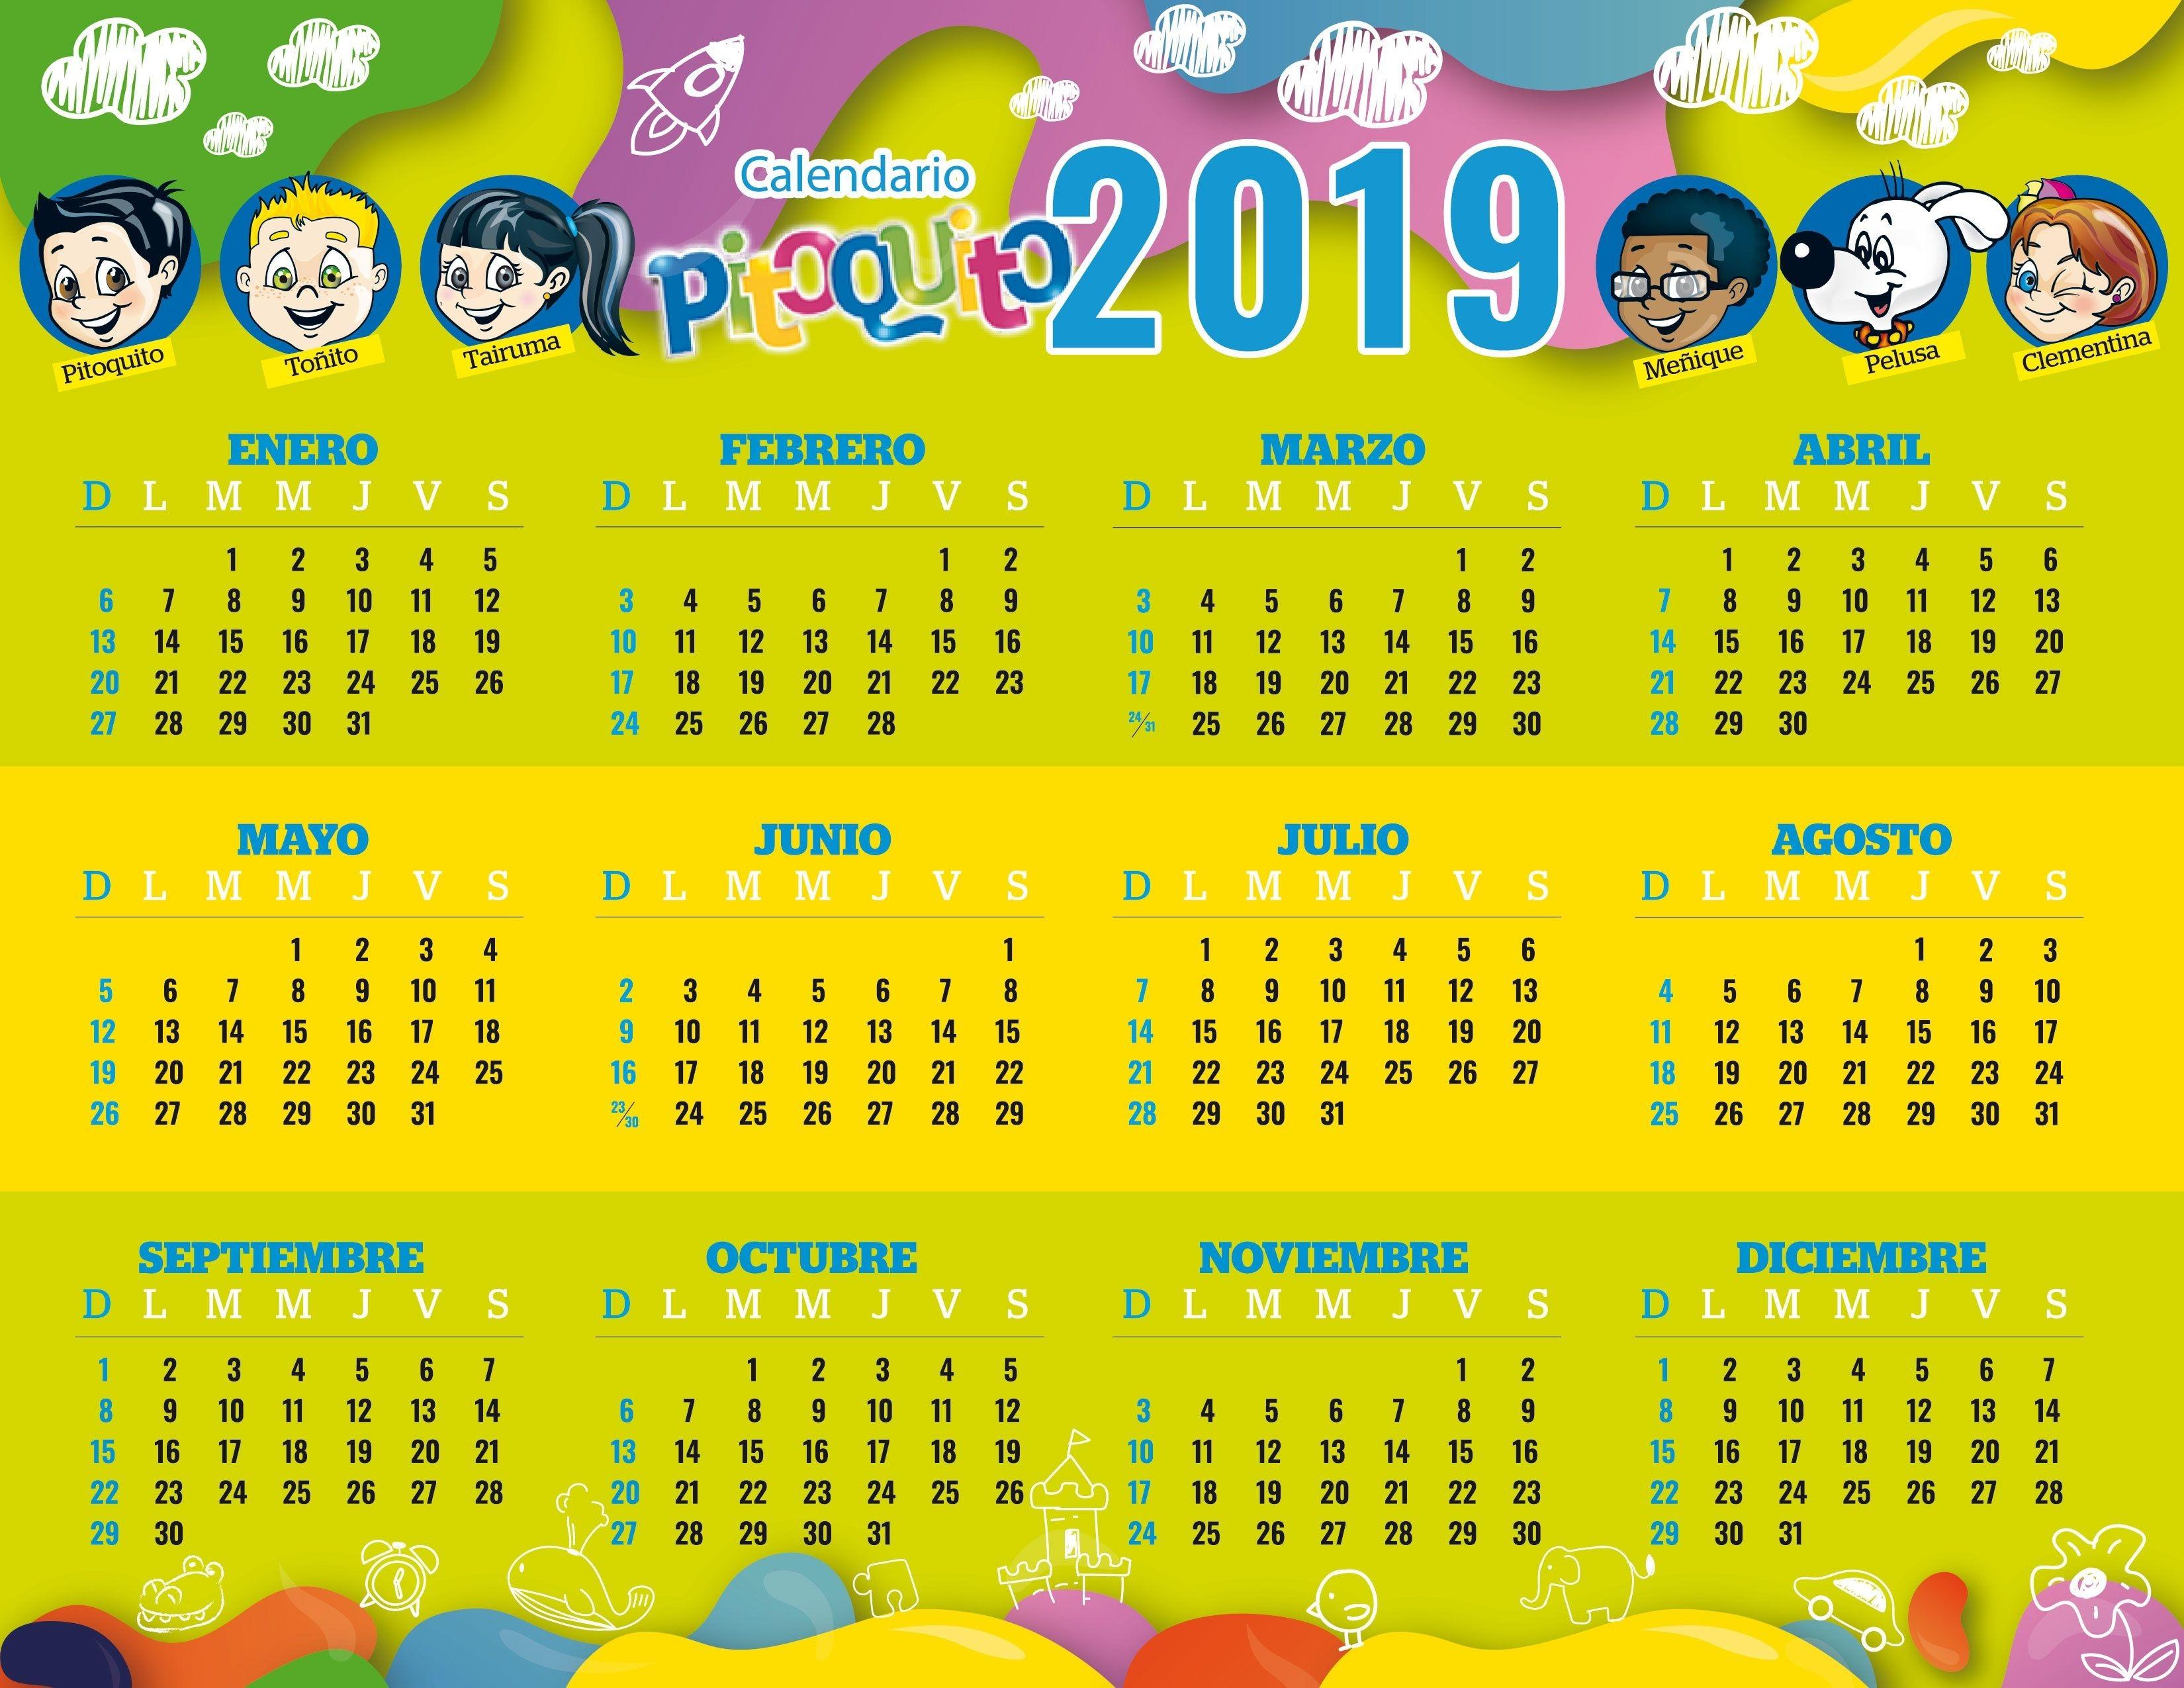 Calendario 2019 Ninos